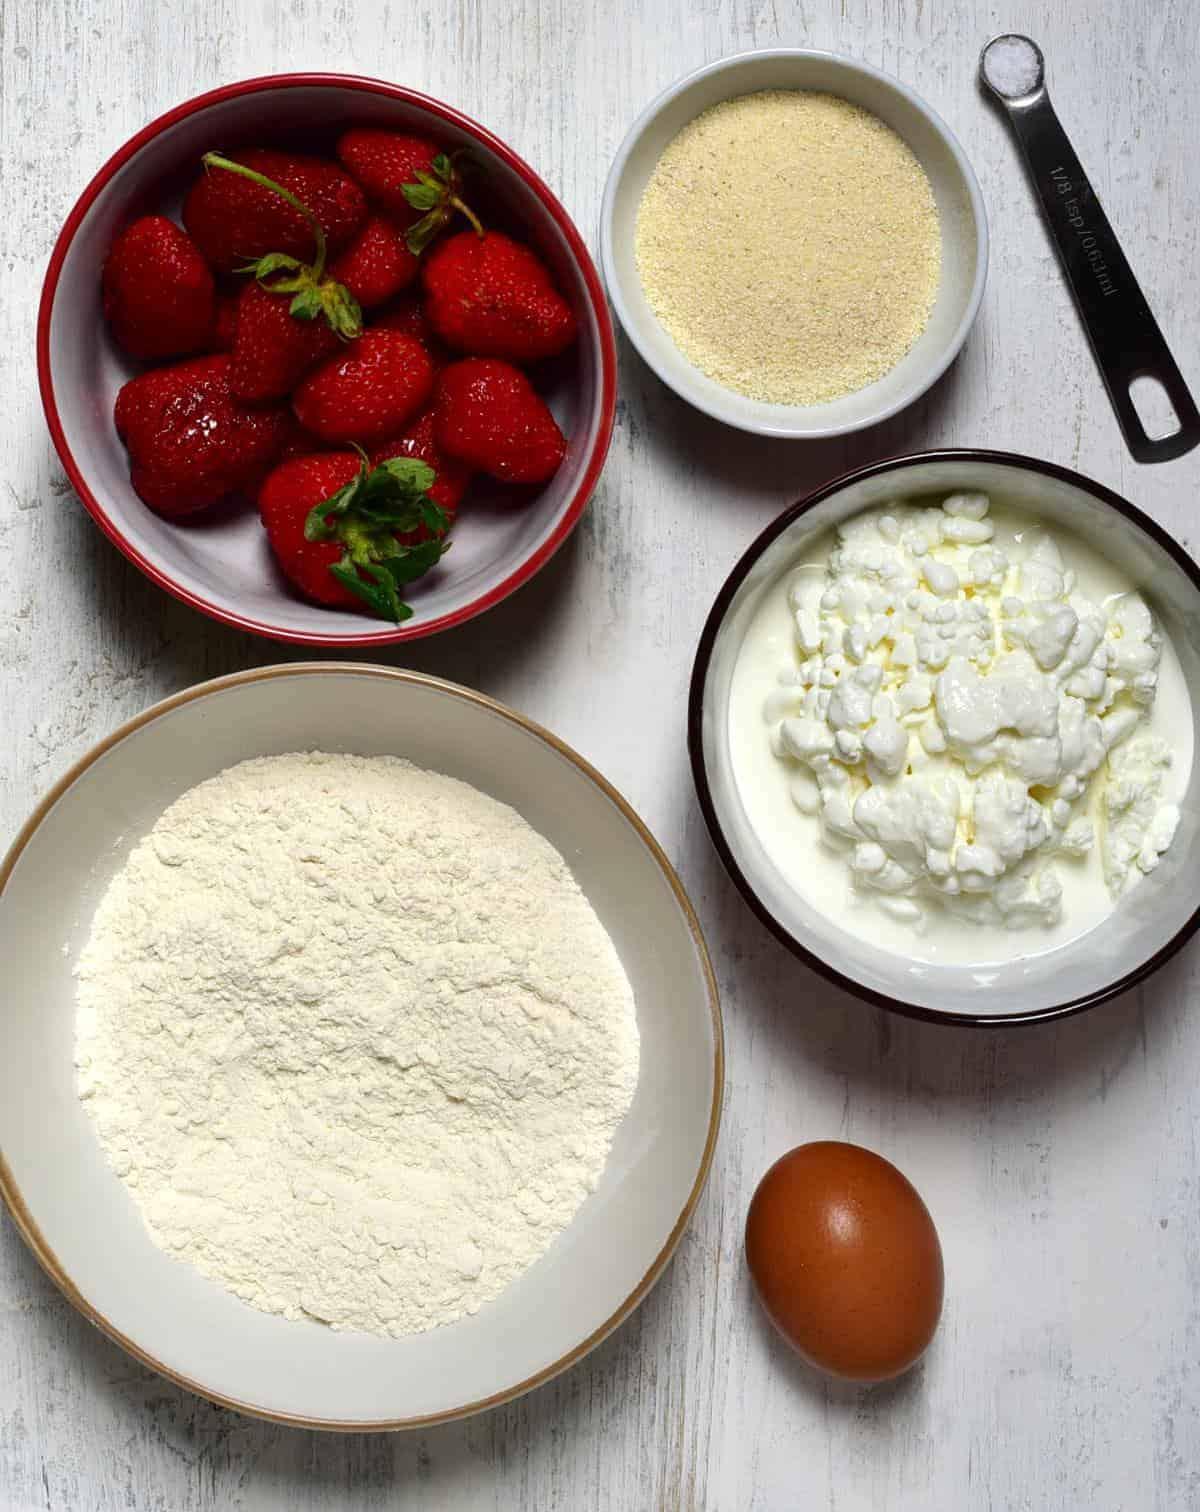 czech strawberry dumplings ingredients